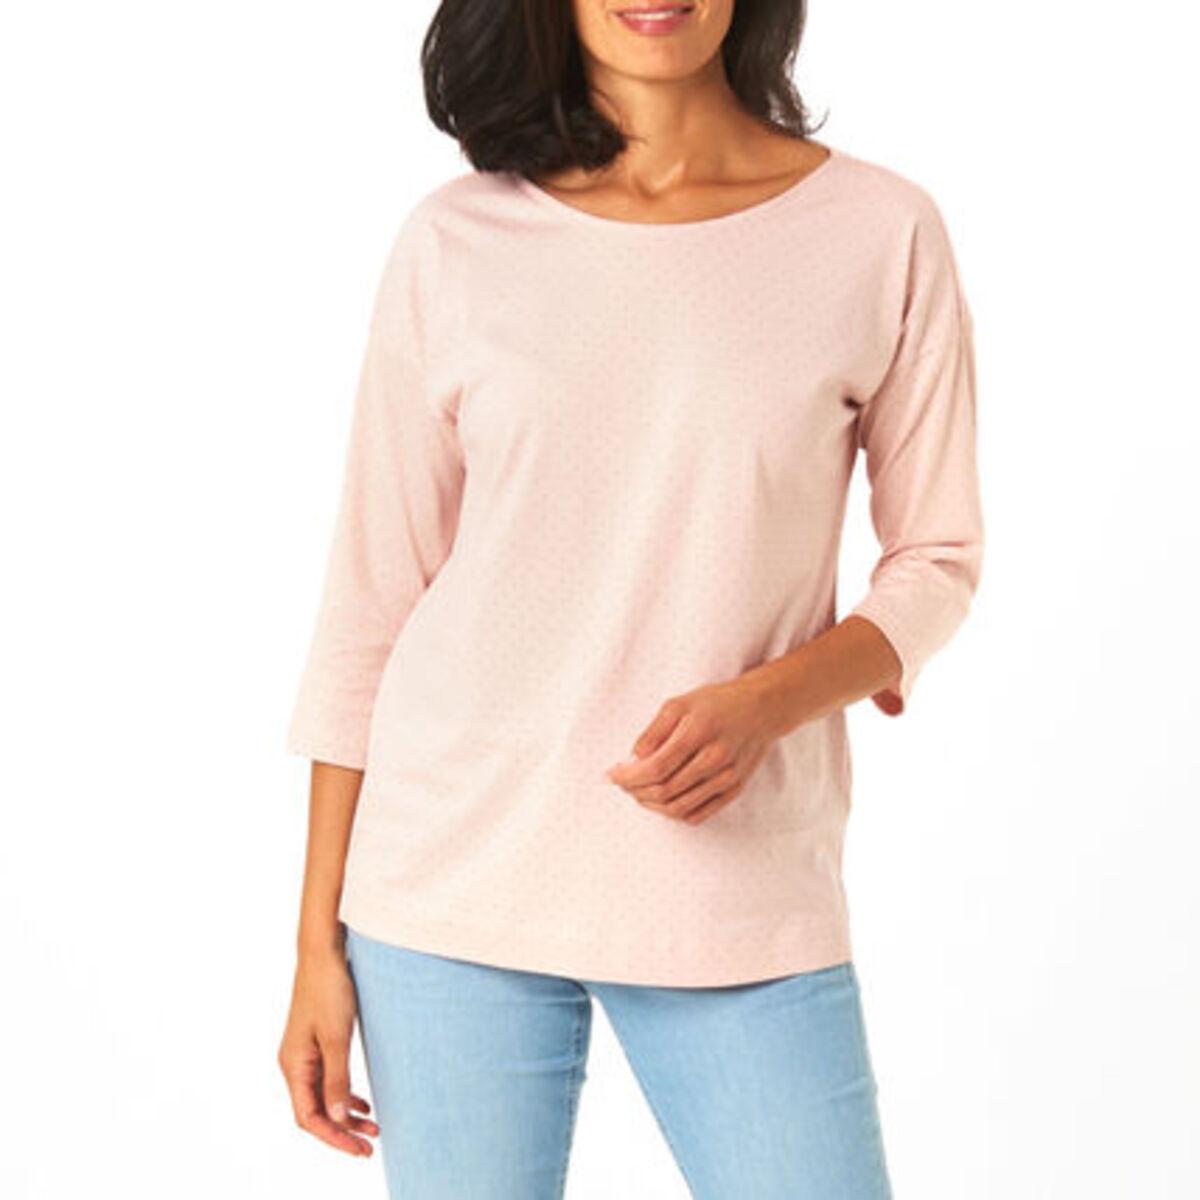 """Bild 2 von Adagio Shirt """"Mona"""", U-Boot-Ausschnitt, für Damen"""